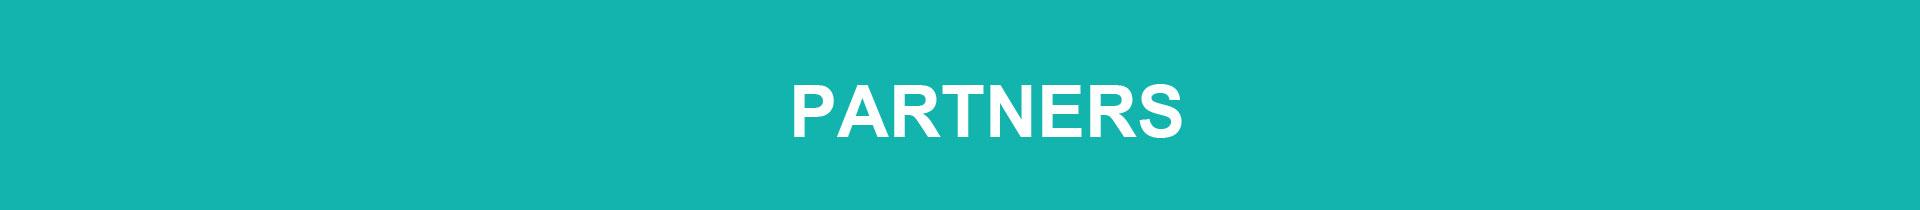 Partenaire_Section_1920x210_EN